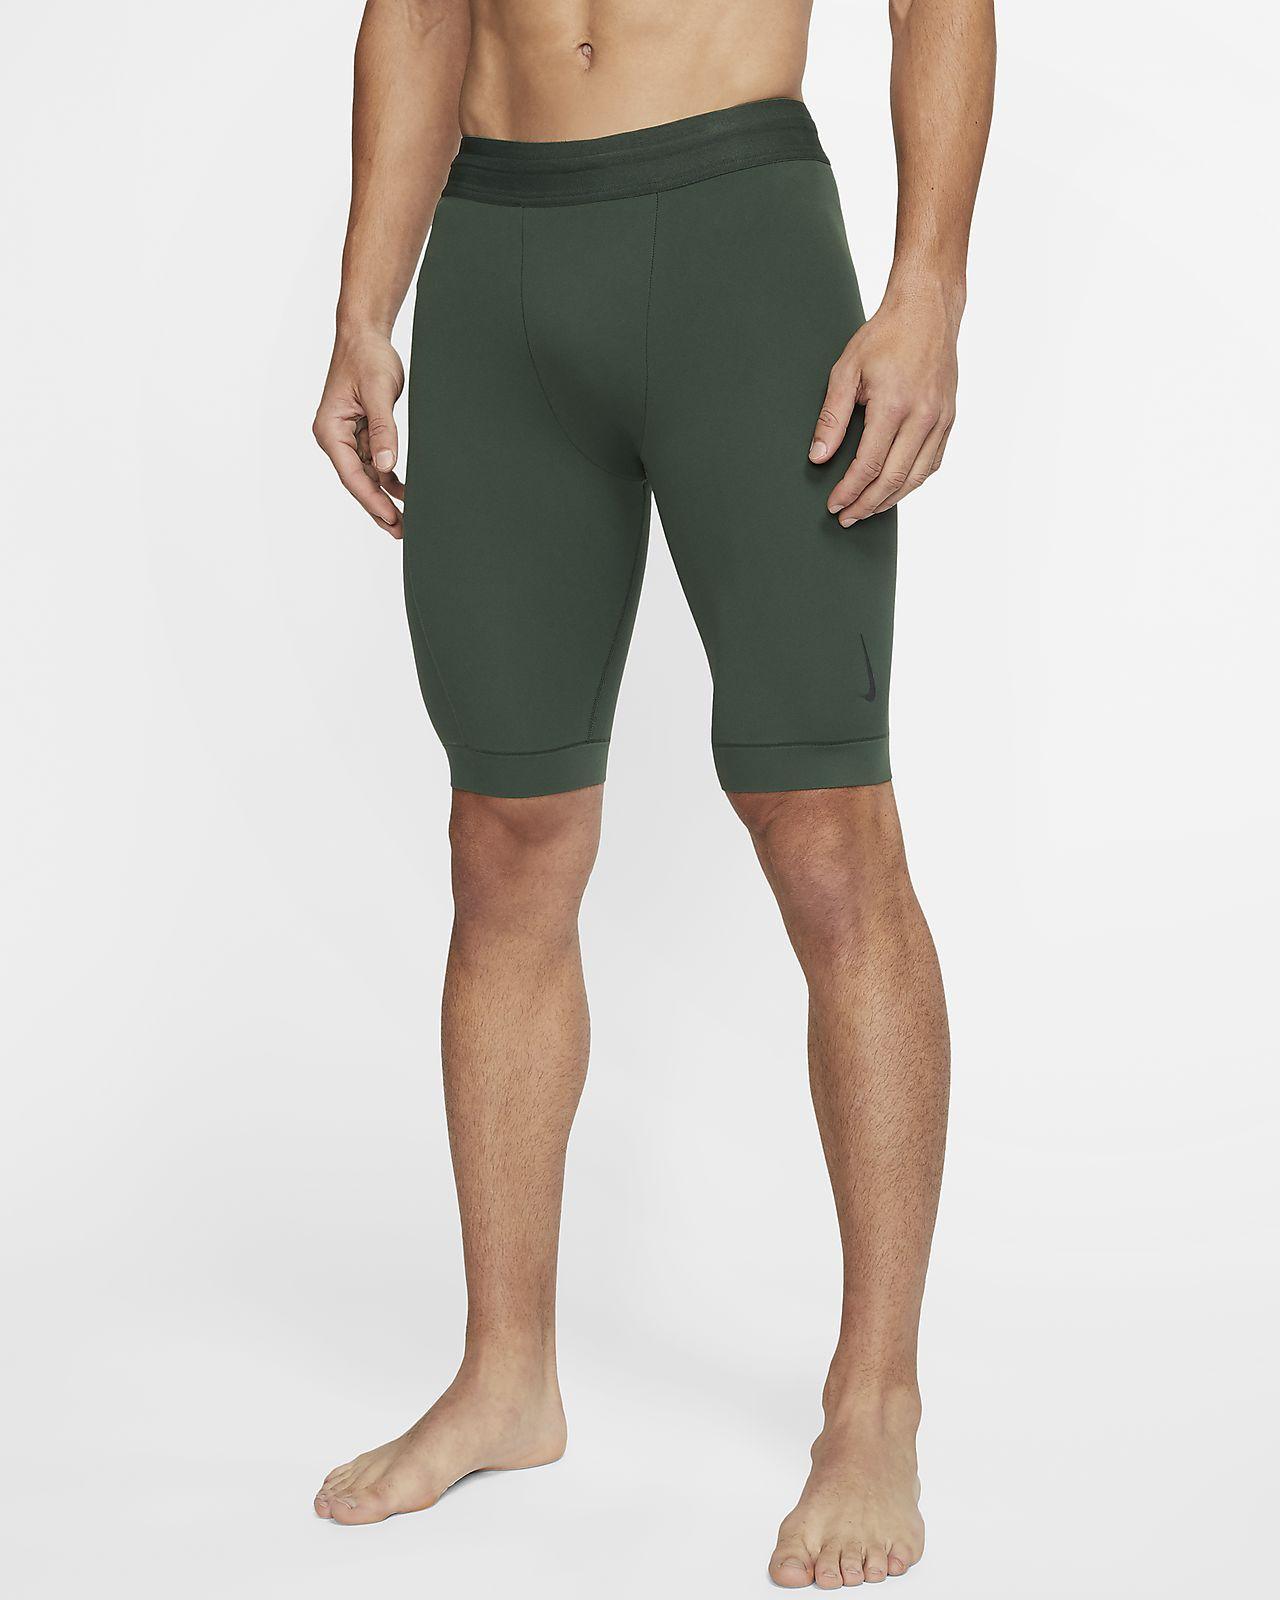 Shorts Infinalon Nike Yoga Dri-FIT för män